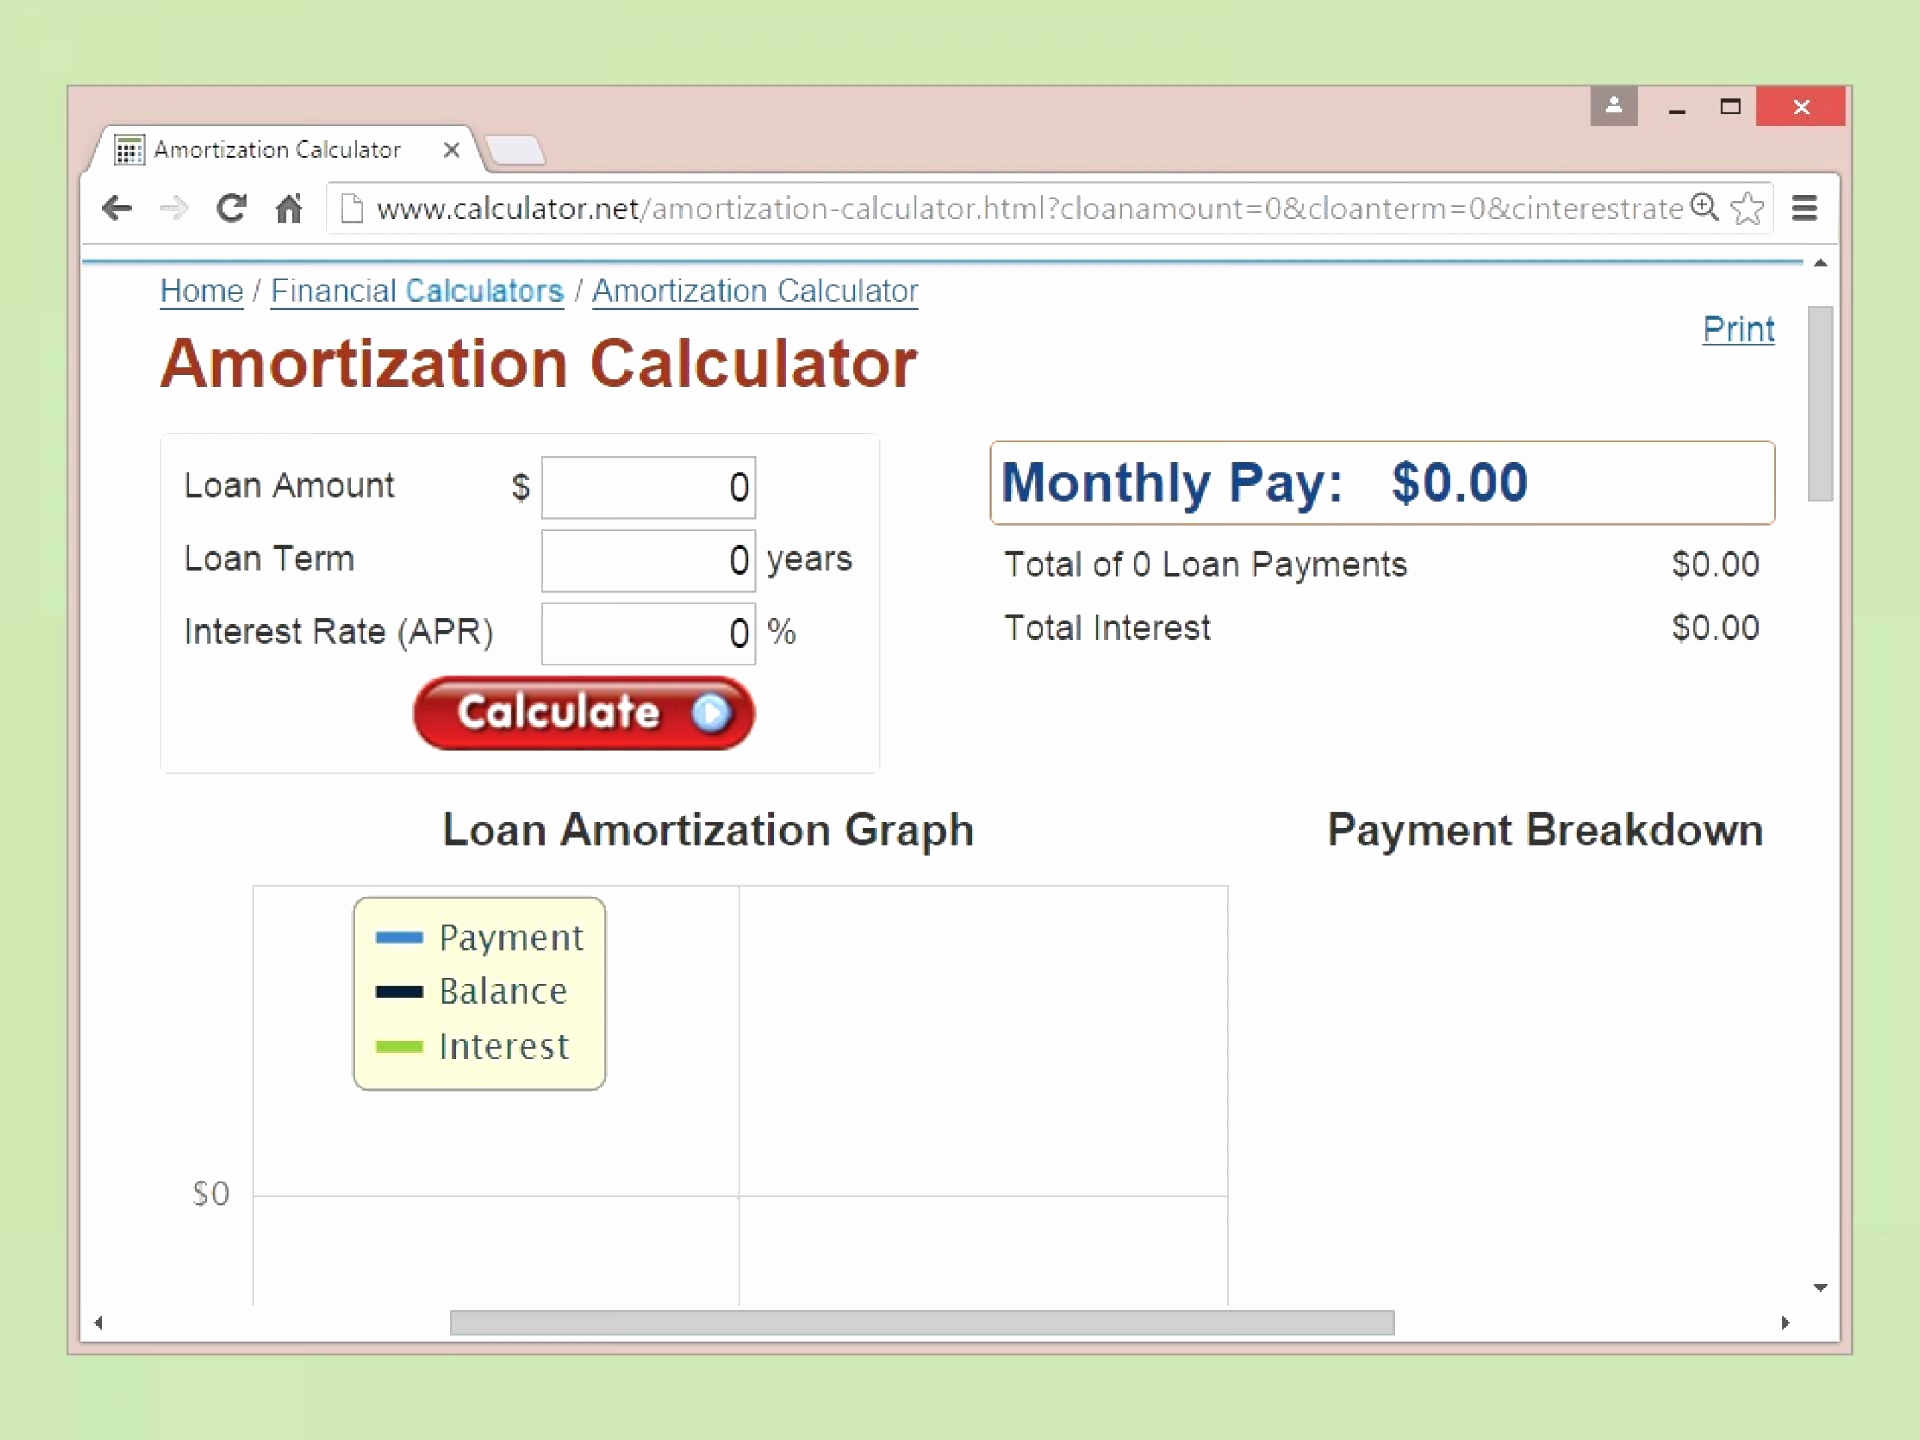 Loan Comparison Spreadsheet Excel Elegant Loan Parison Spreadsheet within Home Loan Comparison Spreadsheet